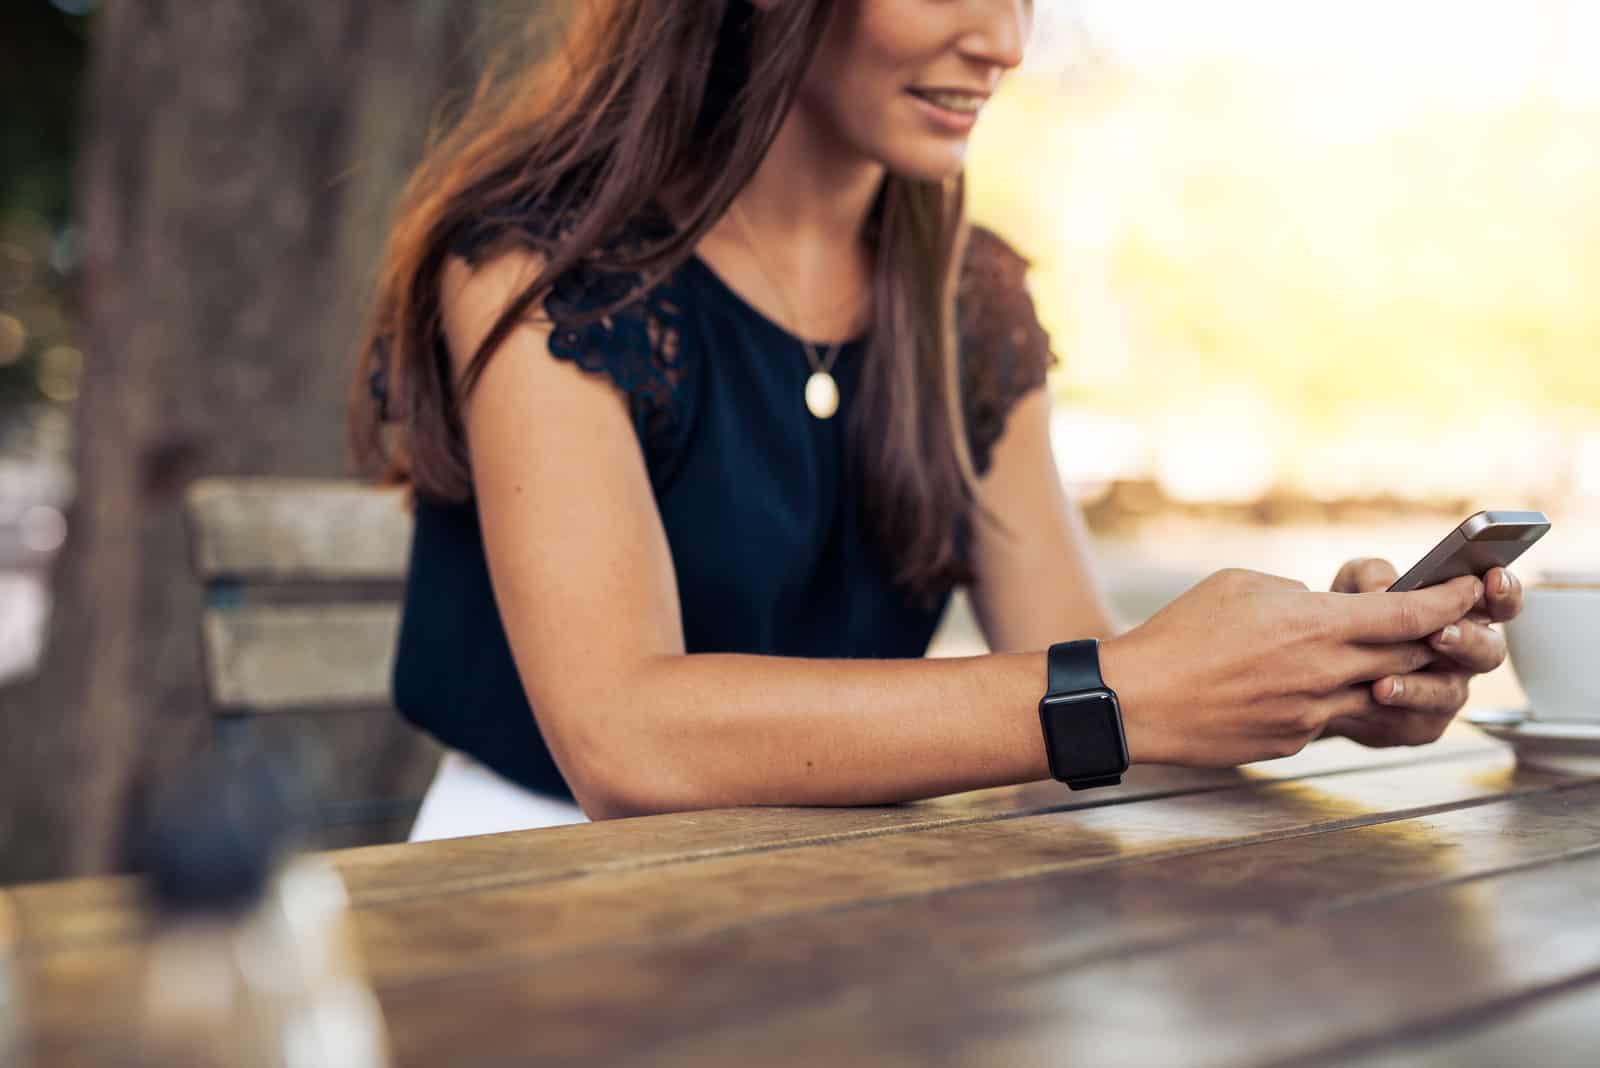 une femme assise à une table et une clé au téléphone